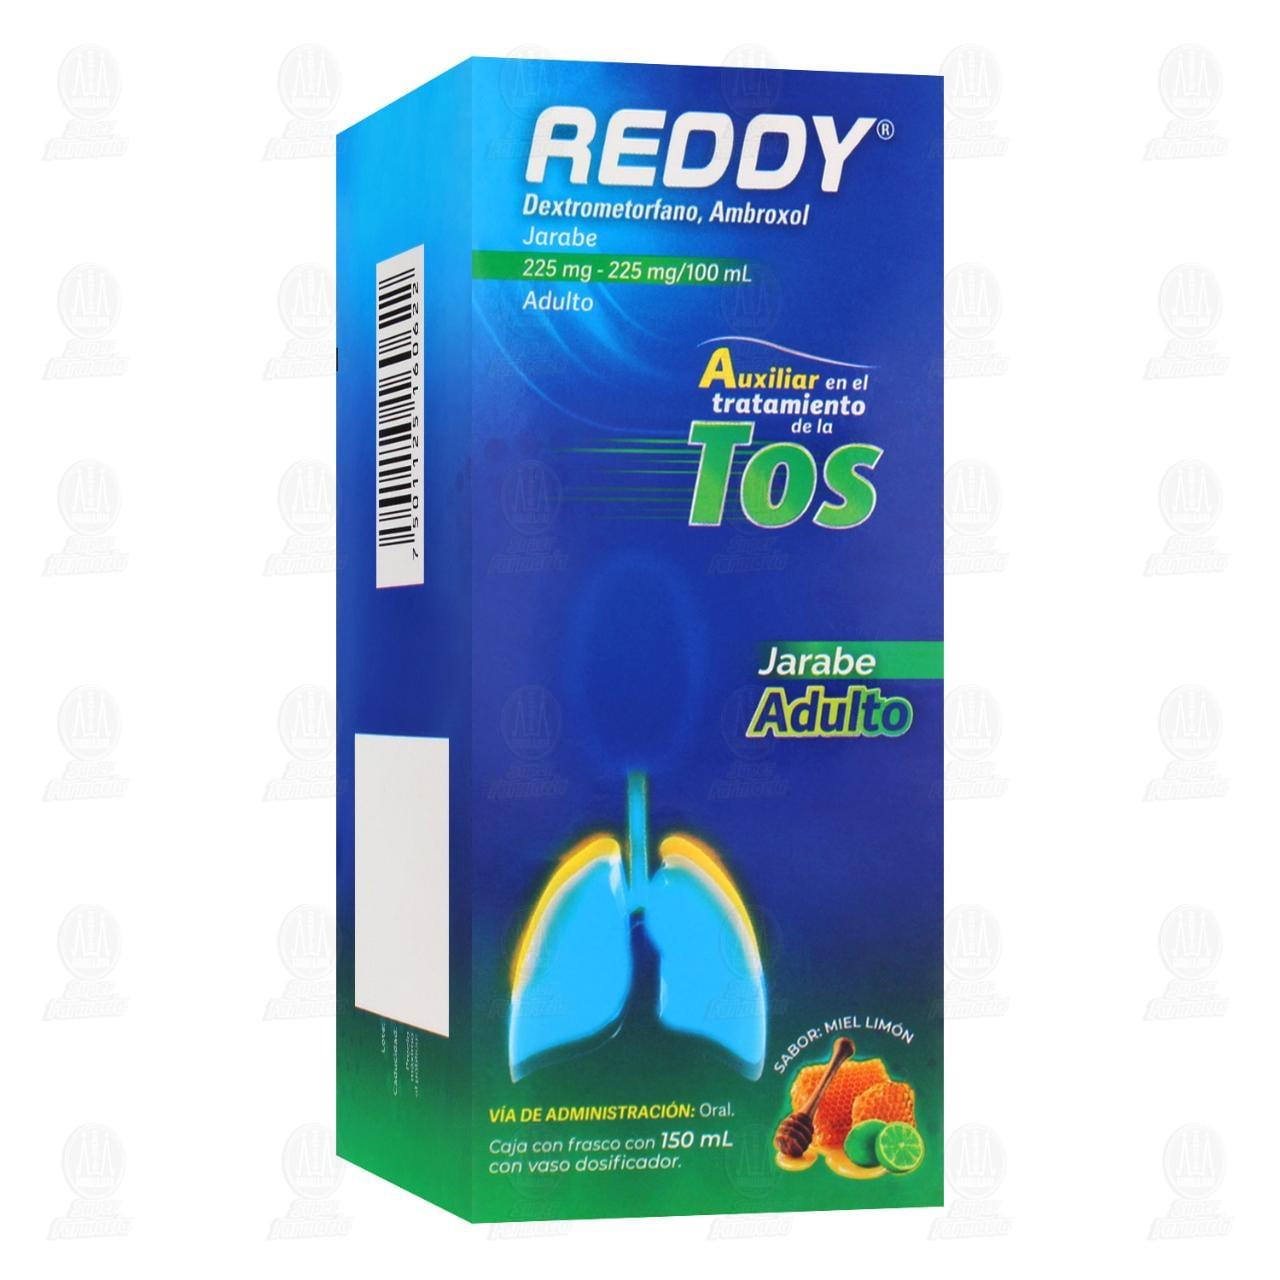 comprar https://www.movil.farmaciasguadalajara.com/wcsstore/FGCAS/wcs/products/1192426_A_1280_AL.jpg en farmacias guadalajara